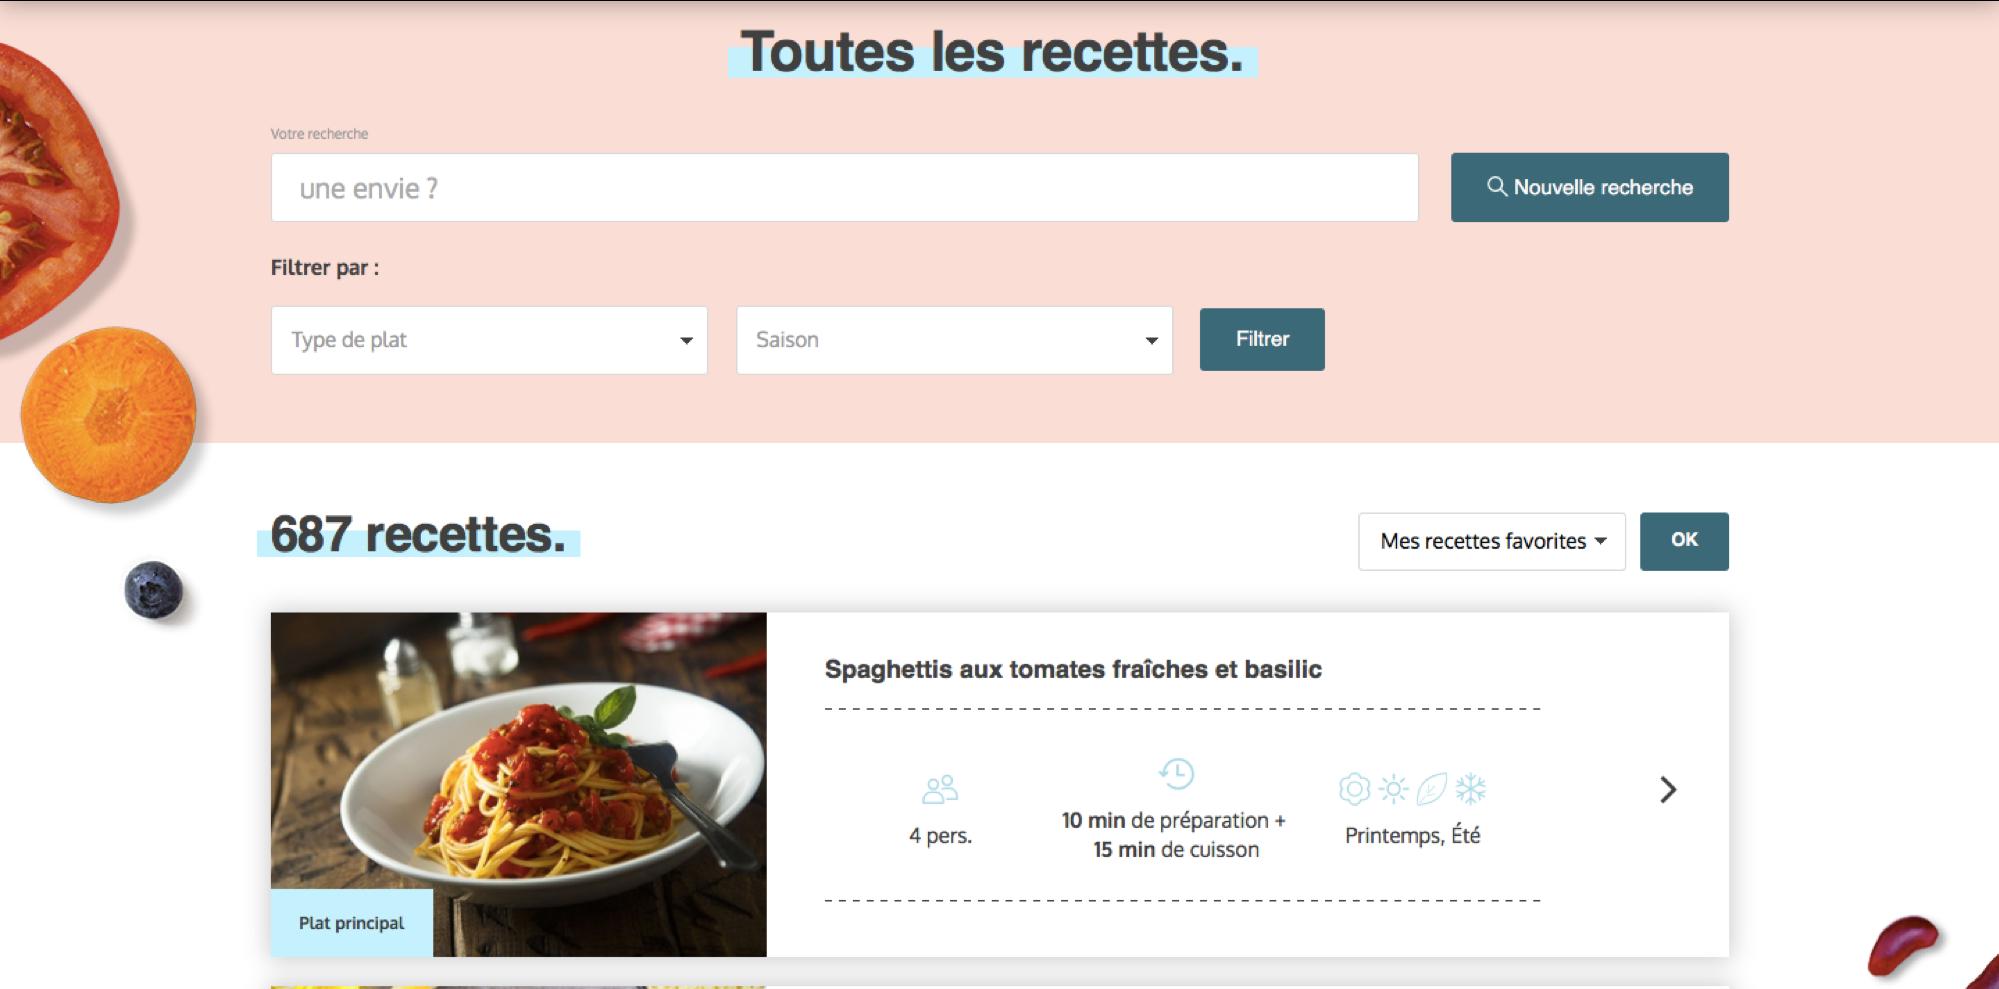 Les recettes manger-bouger.fr